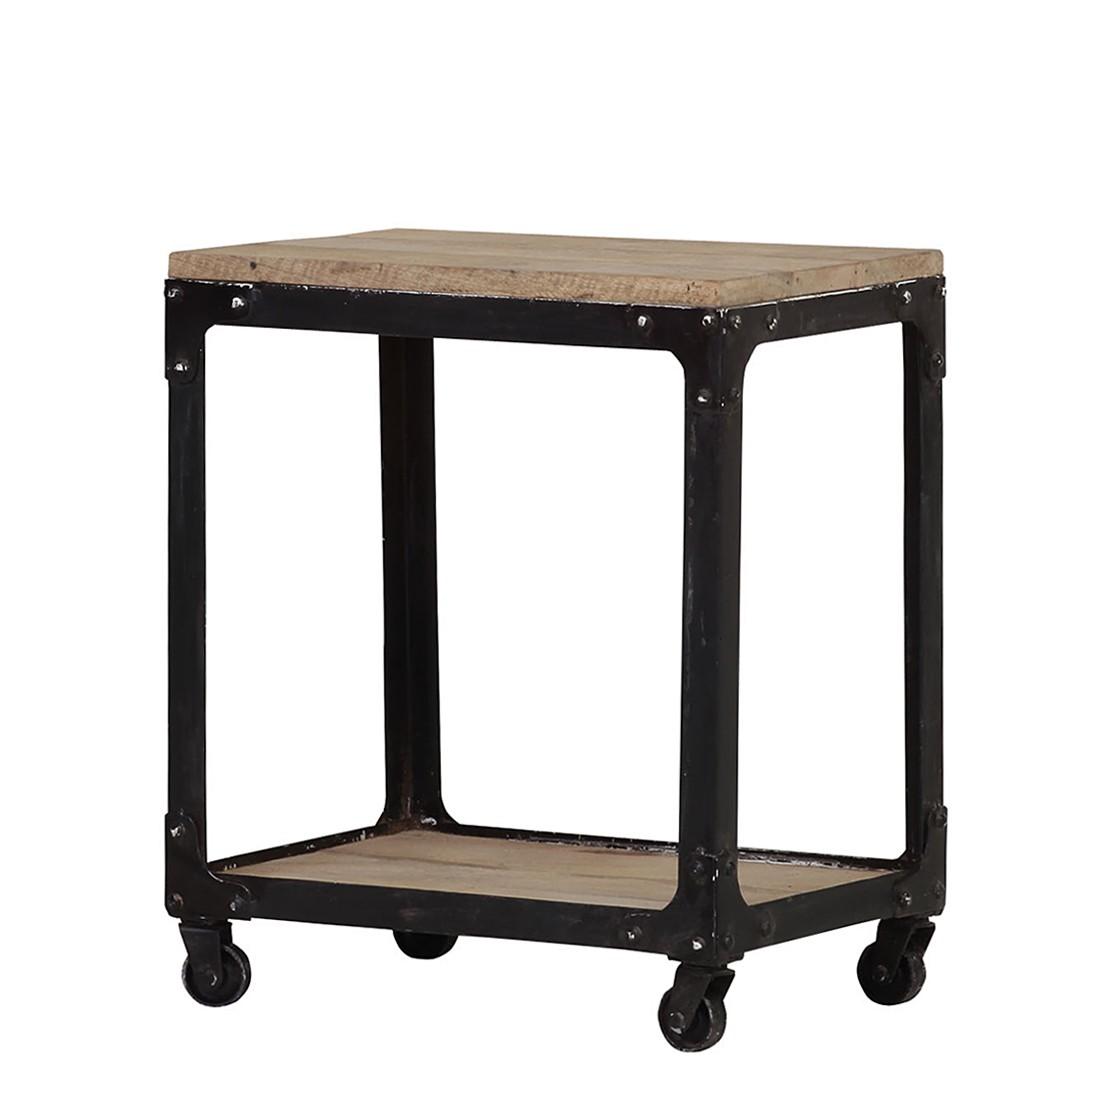 barhocker aiden schwarz metall lackiert clp jetzt kaufen. Black Bedroom Furniture Sets. Home Design Ideas